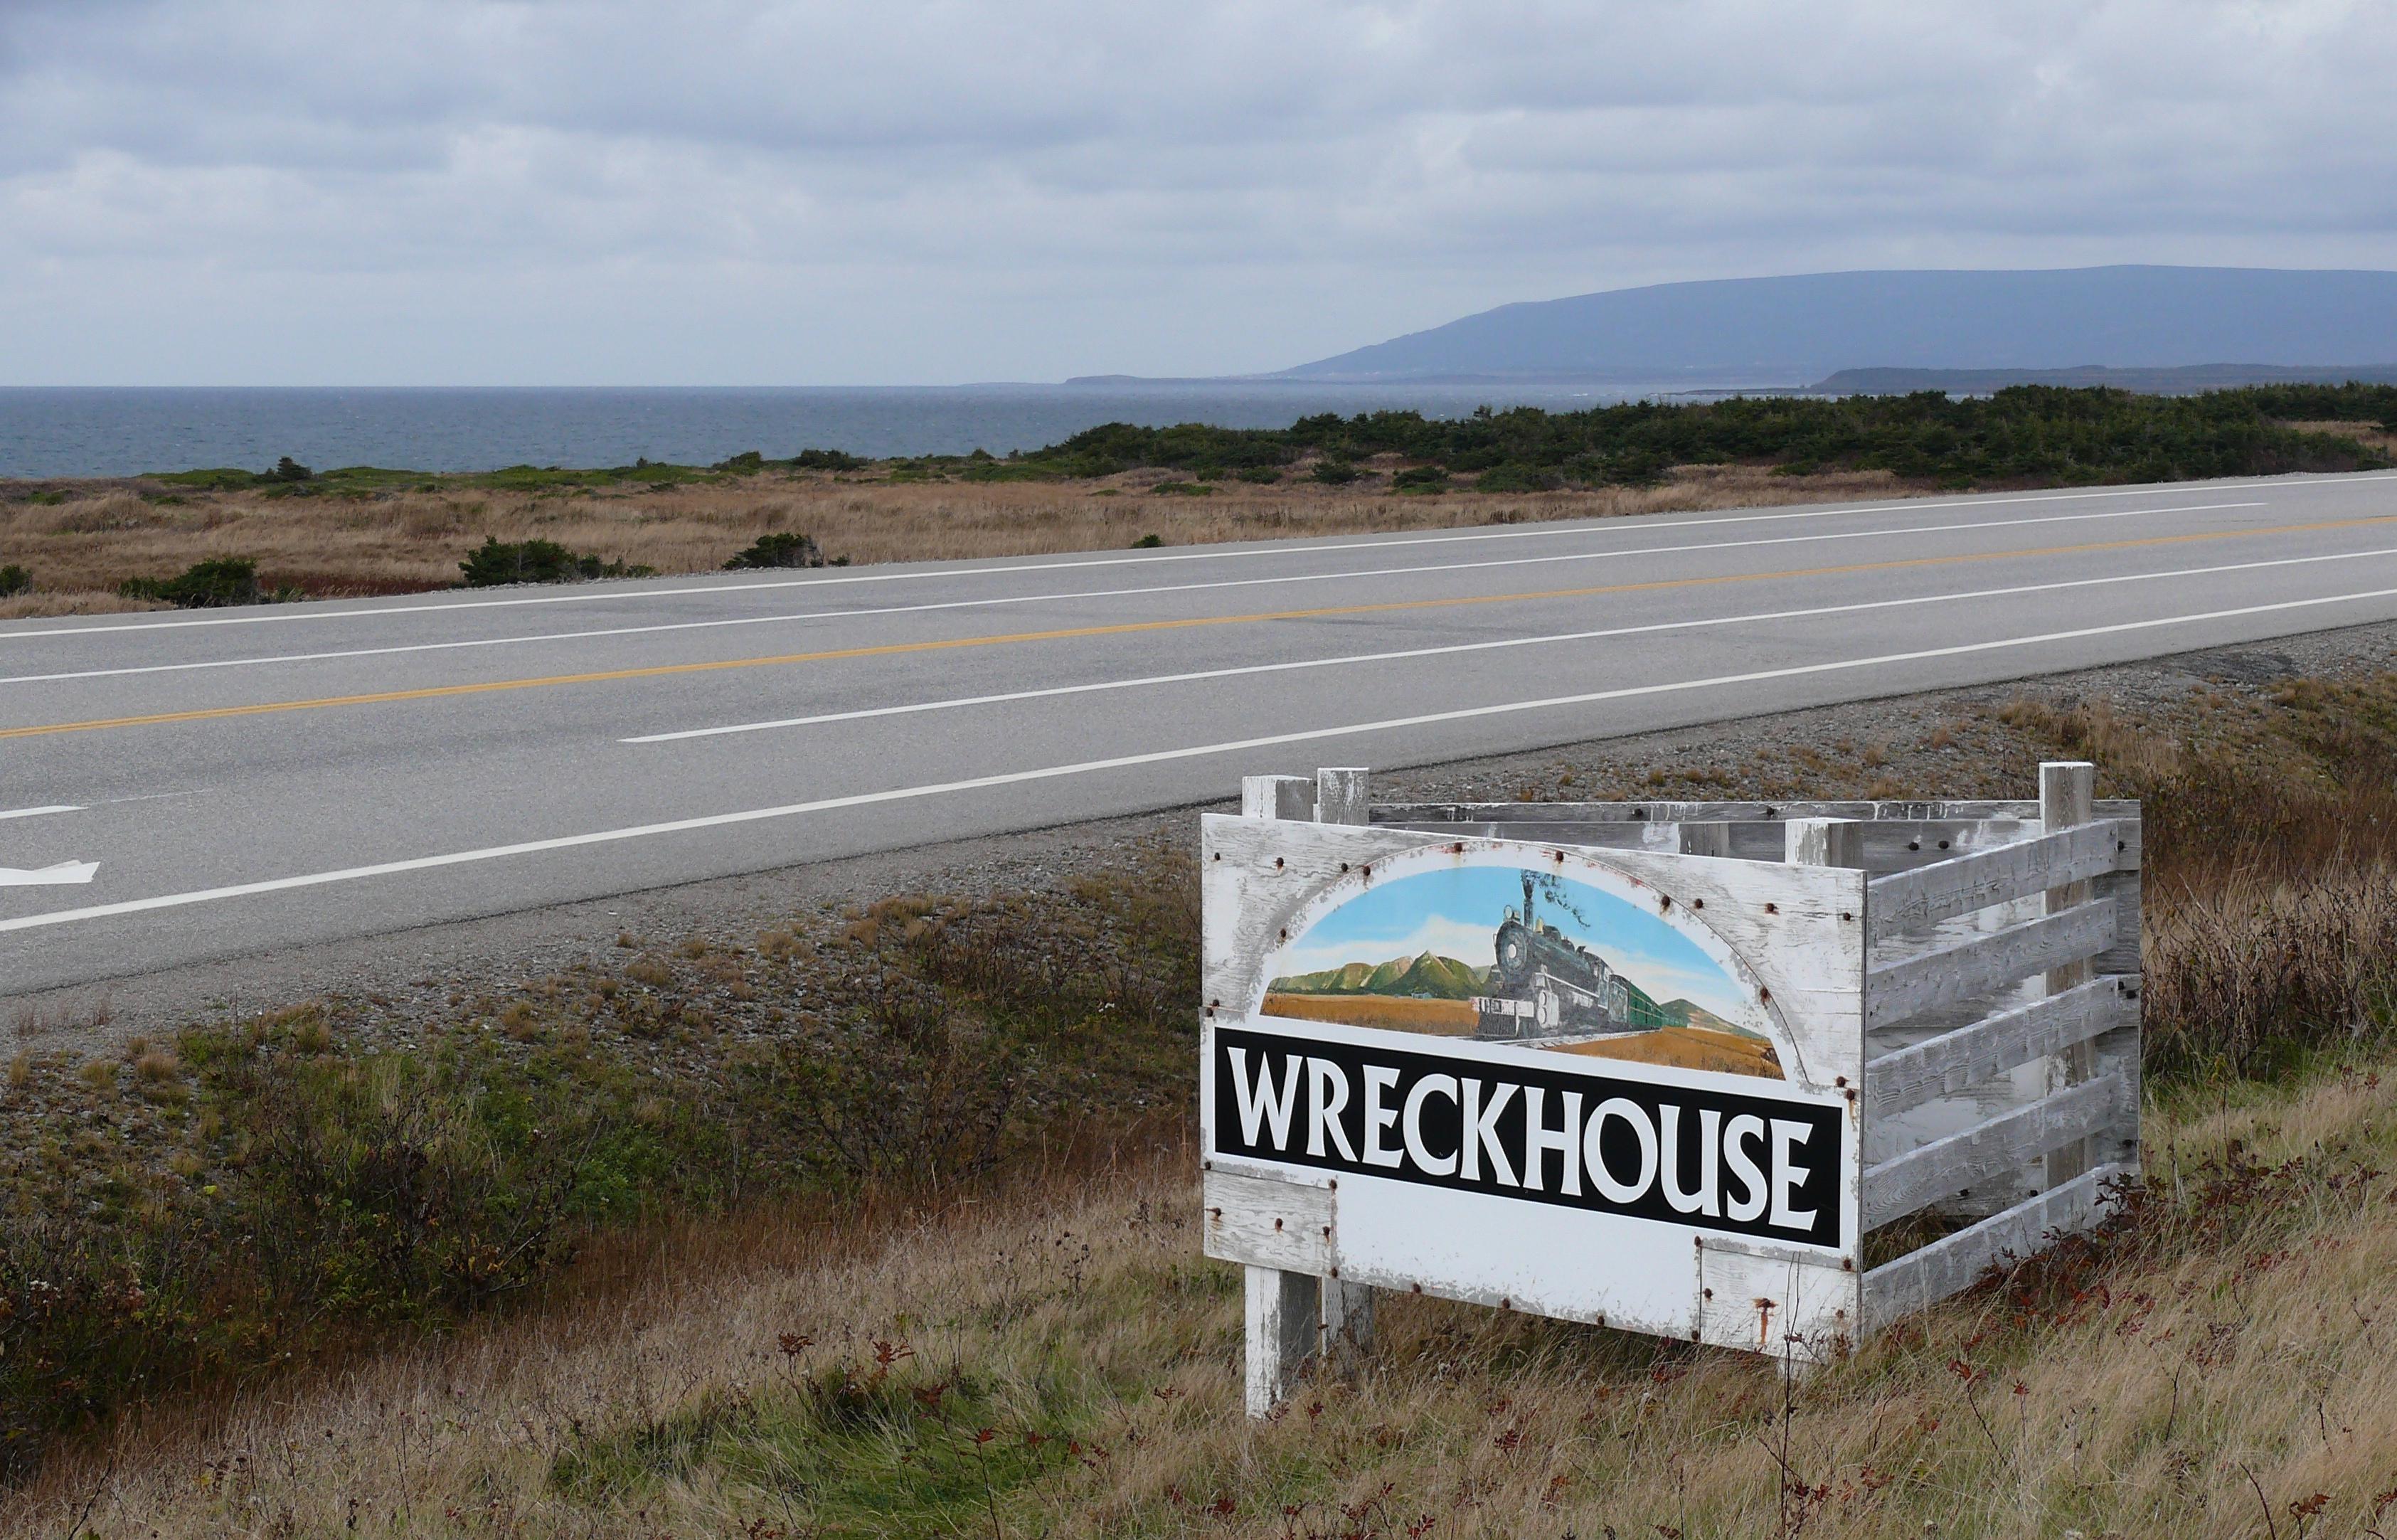 Wreckhouse